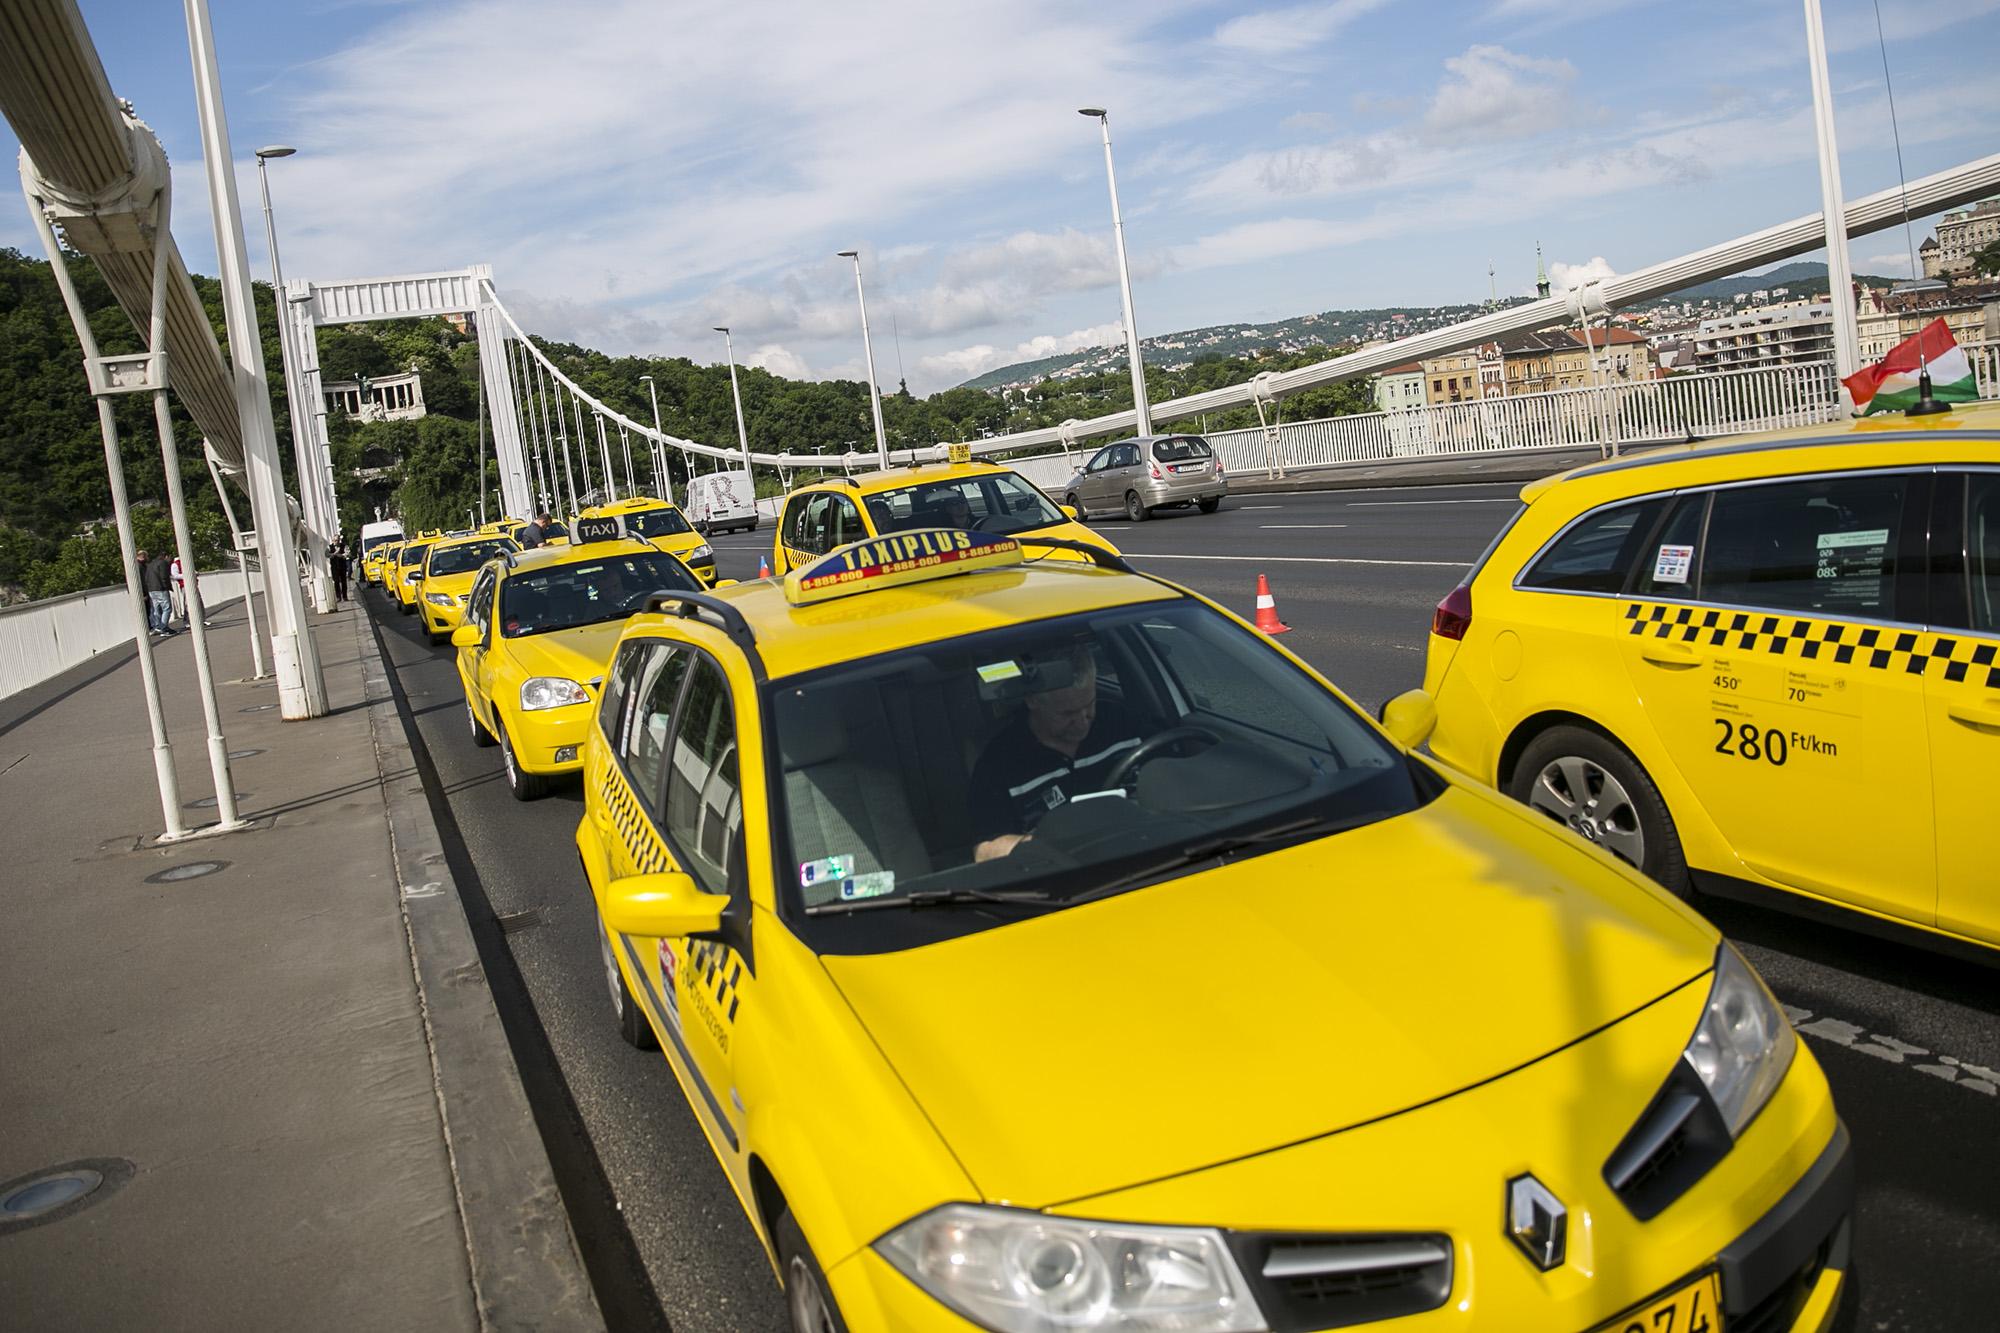 Fővárosi taxisok 10-15 százaléka hiéna